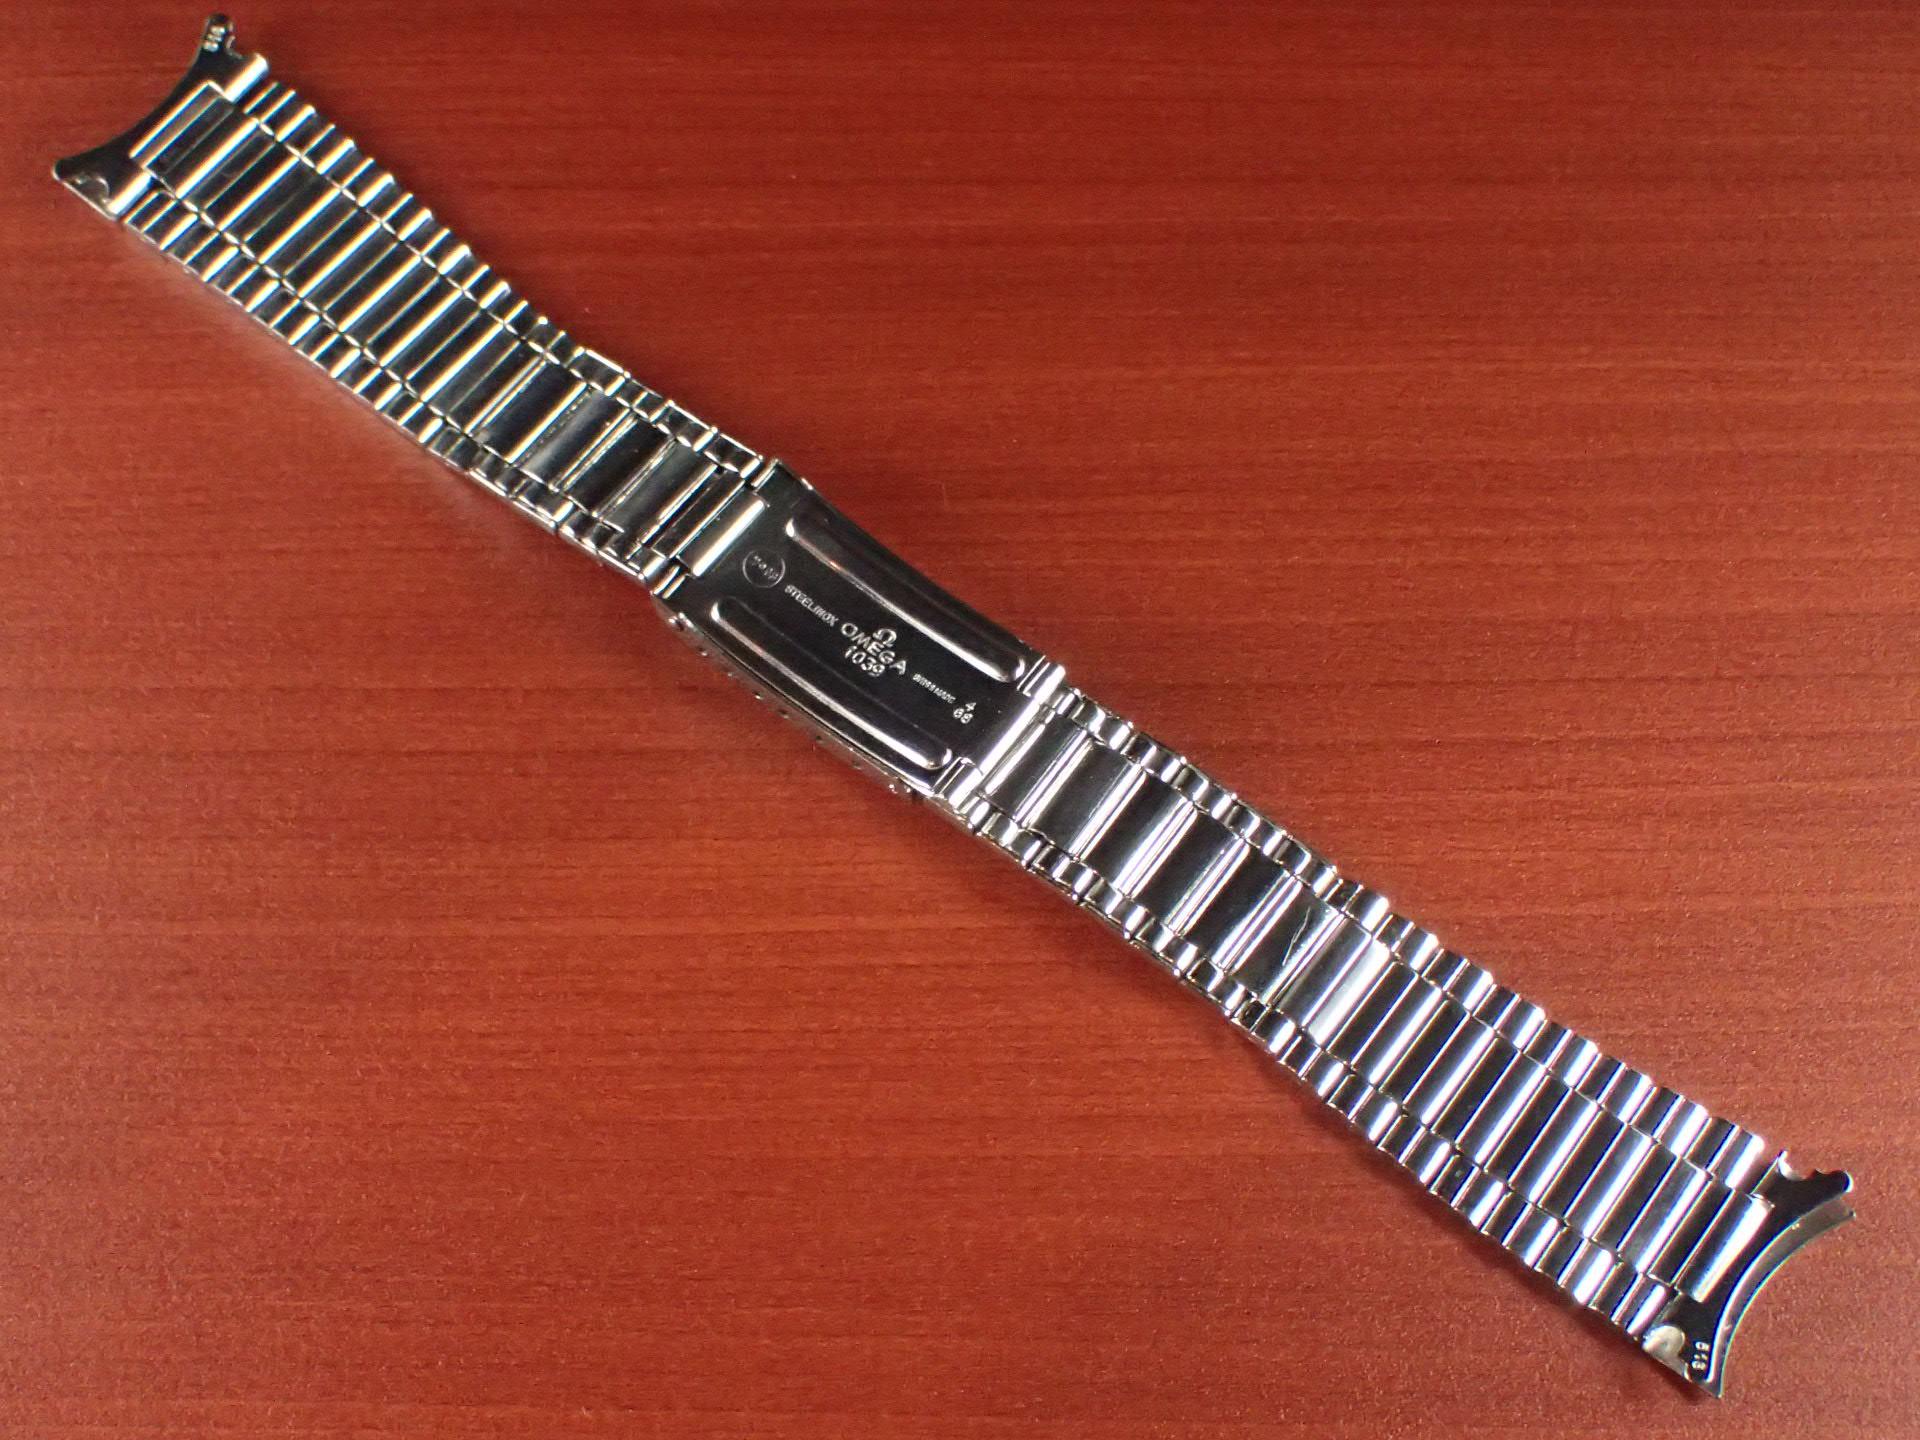 オメガ スピードマスター キャタピラブレス 20mm Ref:1039 1968年製の写真2枚目